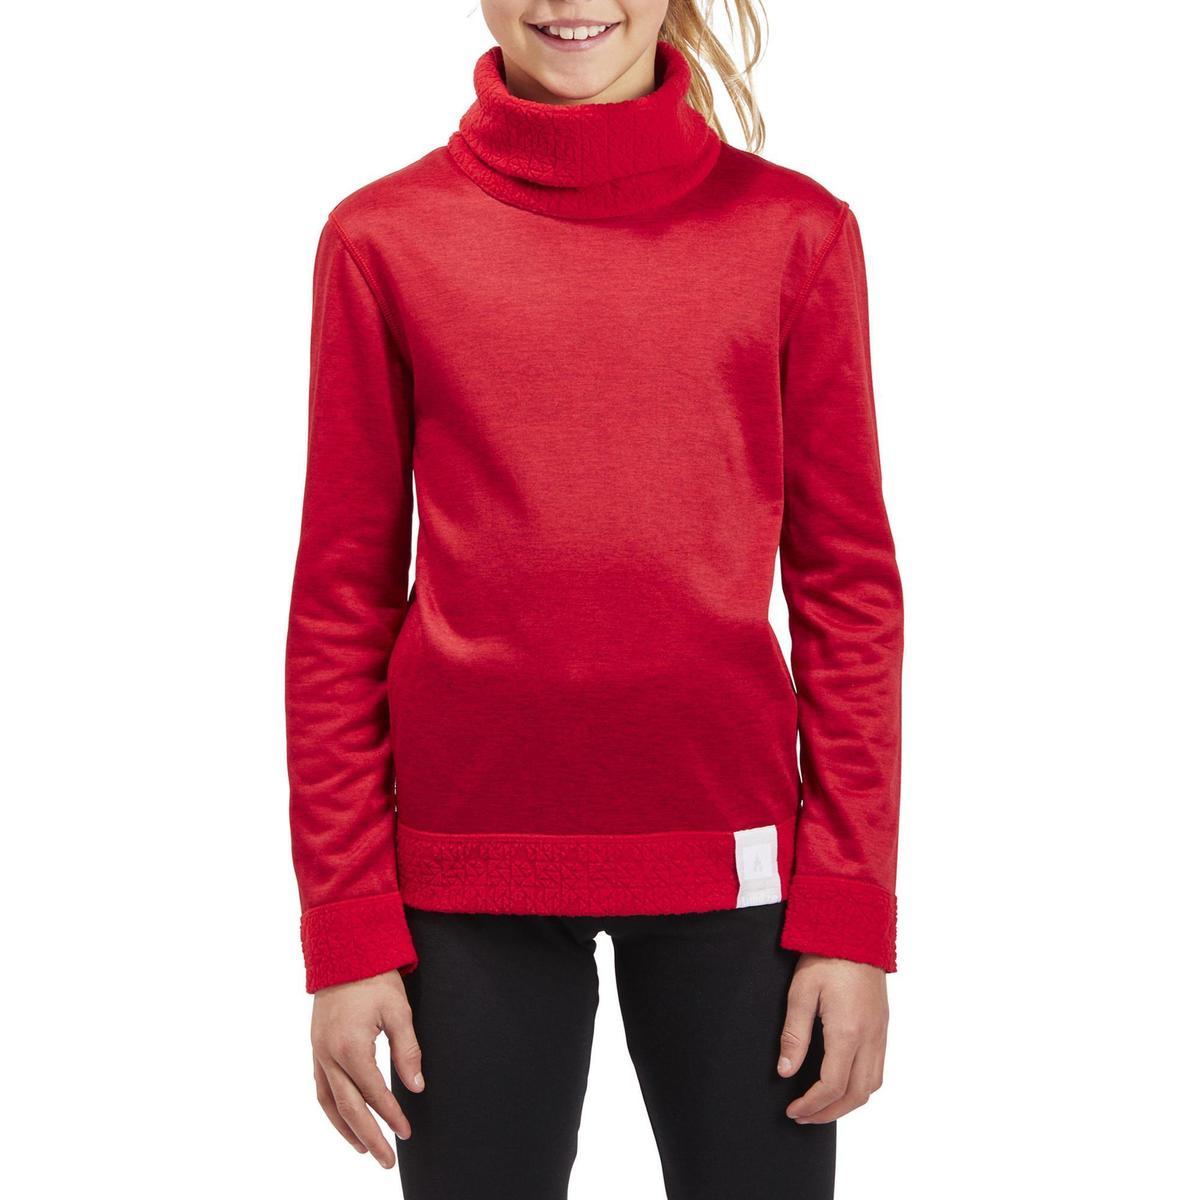 Bild 2 von Skiunterwäsche Funktionsshirt 2Warm Kinder rot